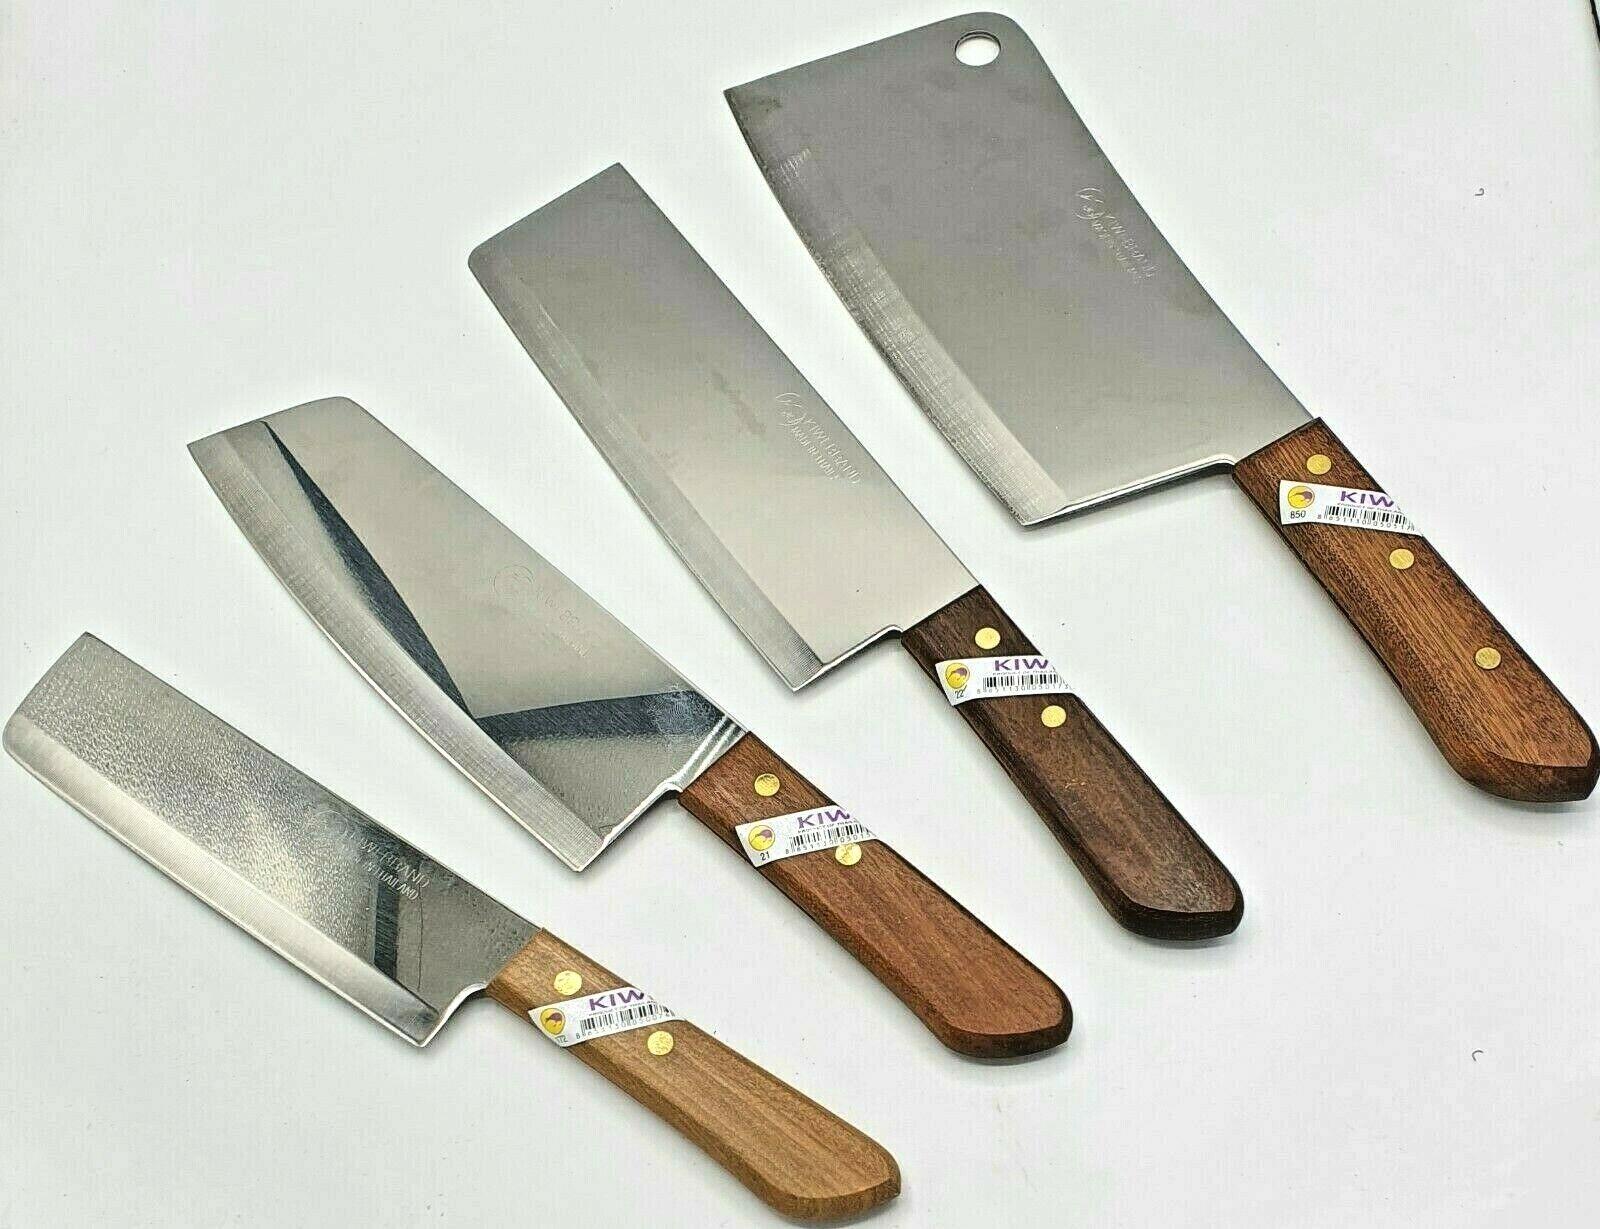 Kochmesser Kiwi verschiedene Typen Schlagmesser Nakiri Beil Küchenmesser Kochen